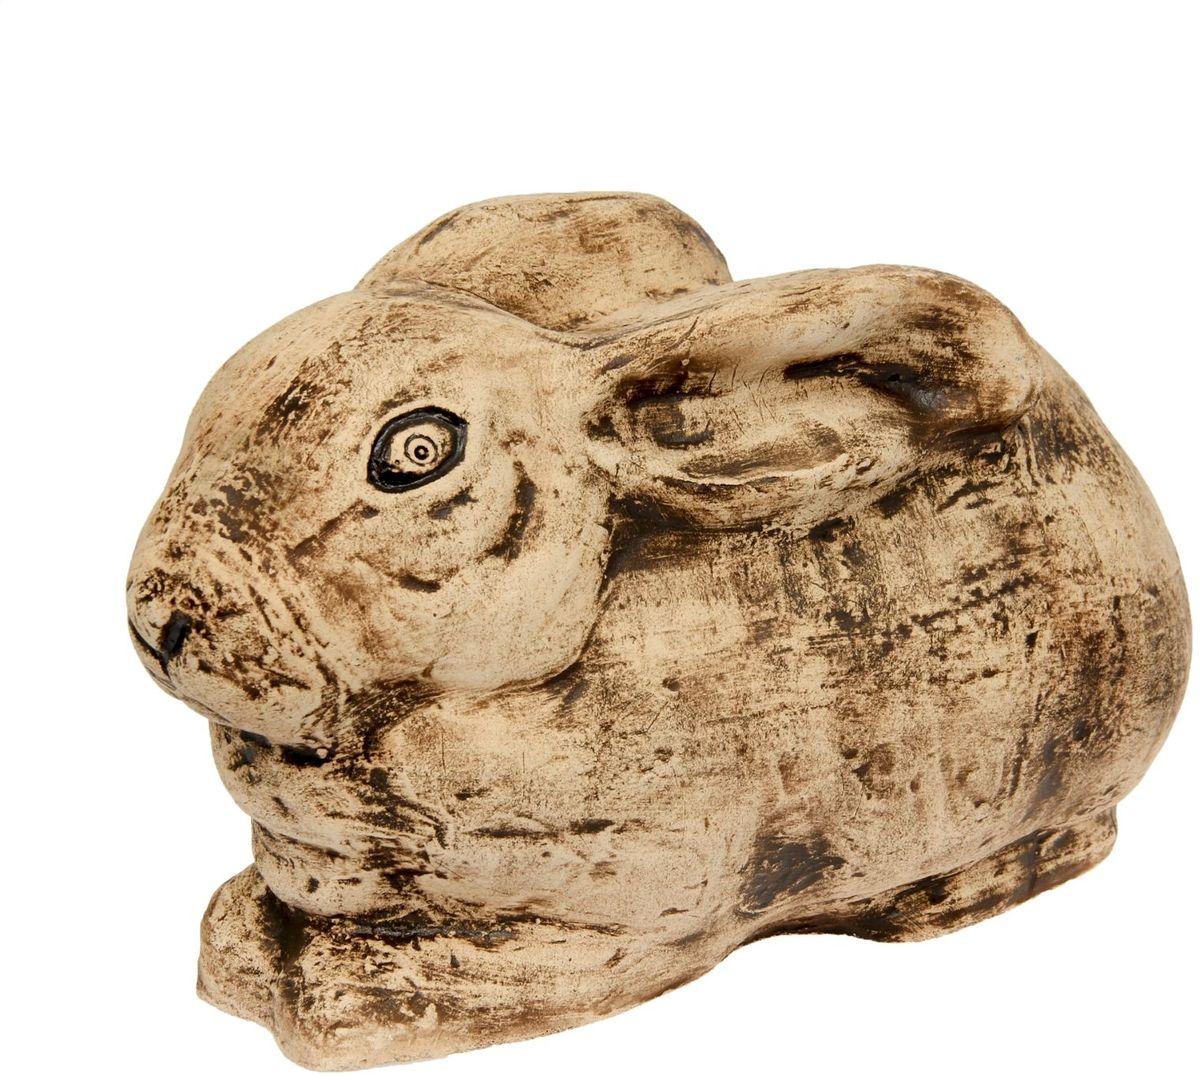 Фигура садовая Керамика ручной работы Кролик, 52 х 27 х 30 см531-105Садовая фигура Кролик шамот - маленький помощник в создании неповторимого декора садового или дачного участка. Оригинальная форма изделия станет изюминкой пространства, достойным дополнением ландшафтного творчества. Фигура выполнена исключительно из природных материалов, а именно шамотной глины, которая делает его: абсолютно нетоксичным, устойчивым к воздействию окружающей среды (морозостойкий), устойчивым к изменению цвета и структуры (не шелушится и не облезает). При декорировании горшка используются только качественные пигменты. Процесс обжига глины проходит в 2 этапа: утилитный (900 градусов) с последующим декорированием и политой (1100 градусов), придающим изделию необходимую крепость.